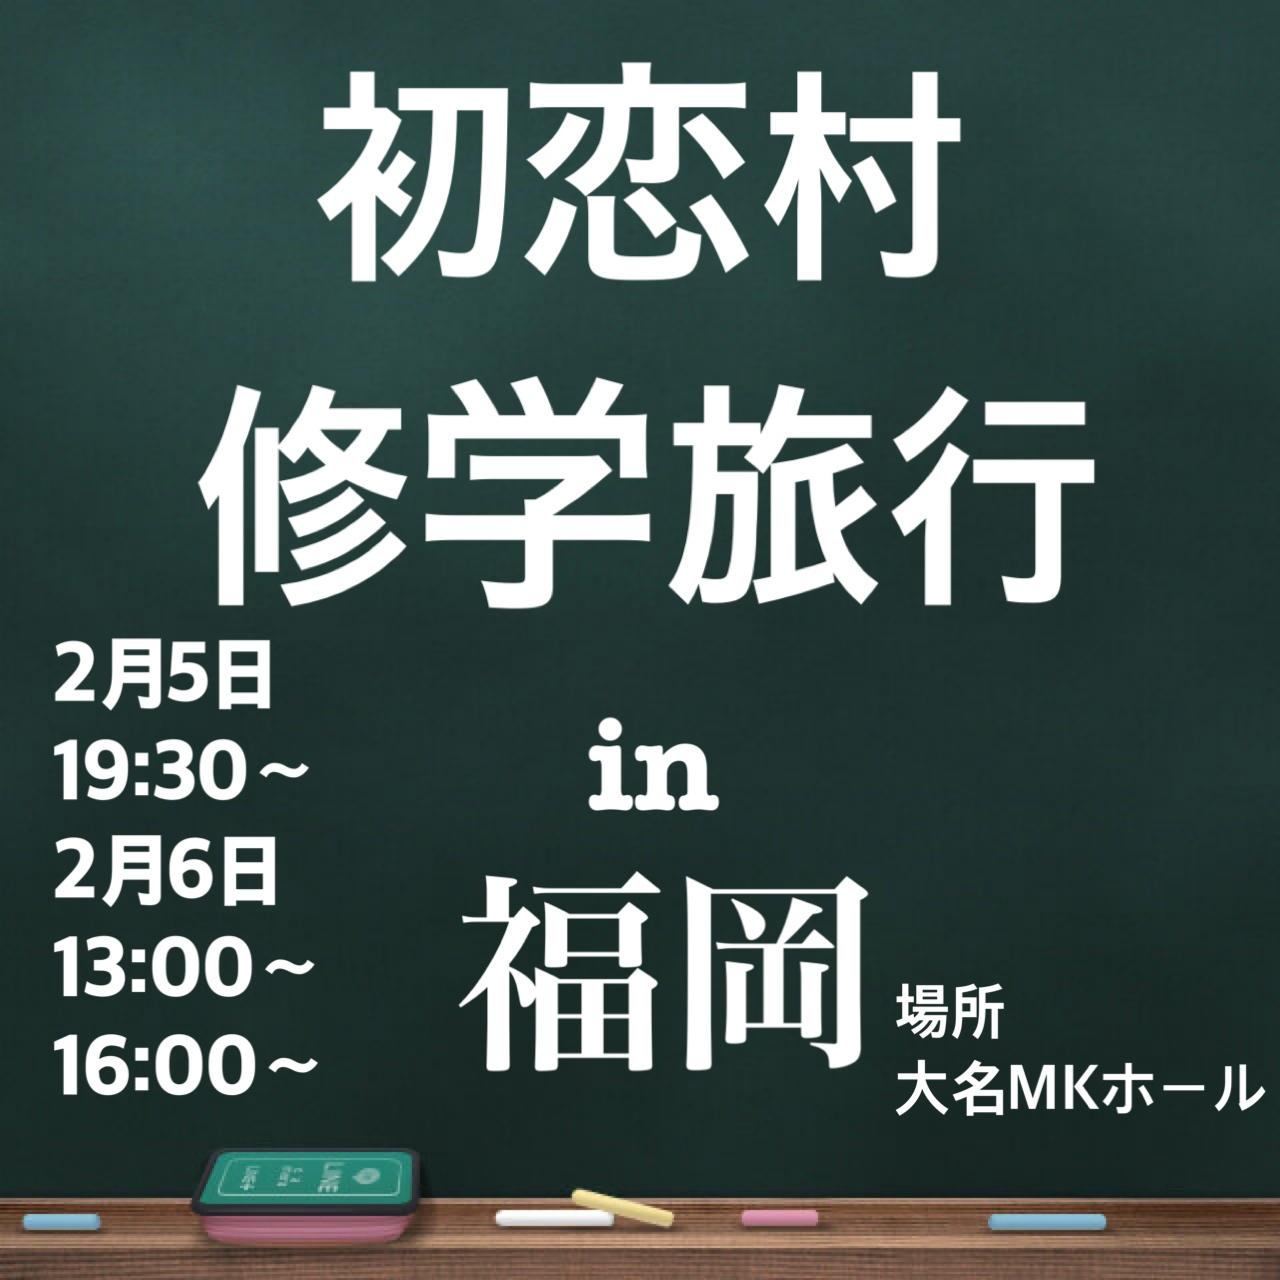 【劇場】2月6日初恋村ライブin福岡 1部